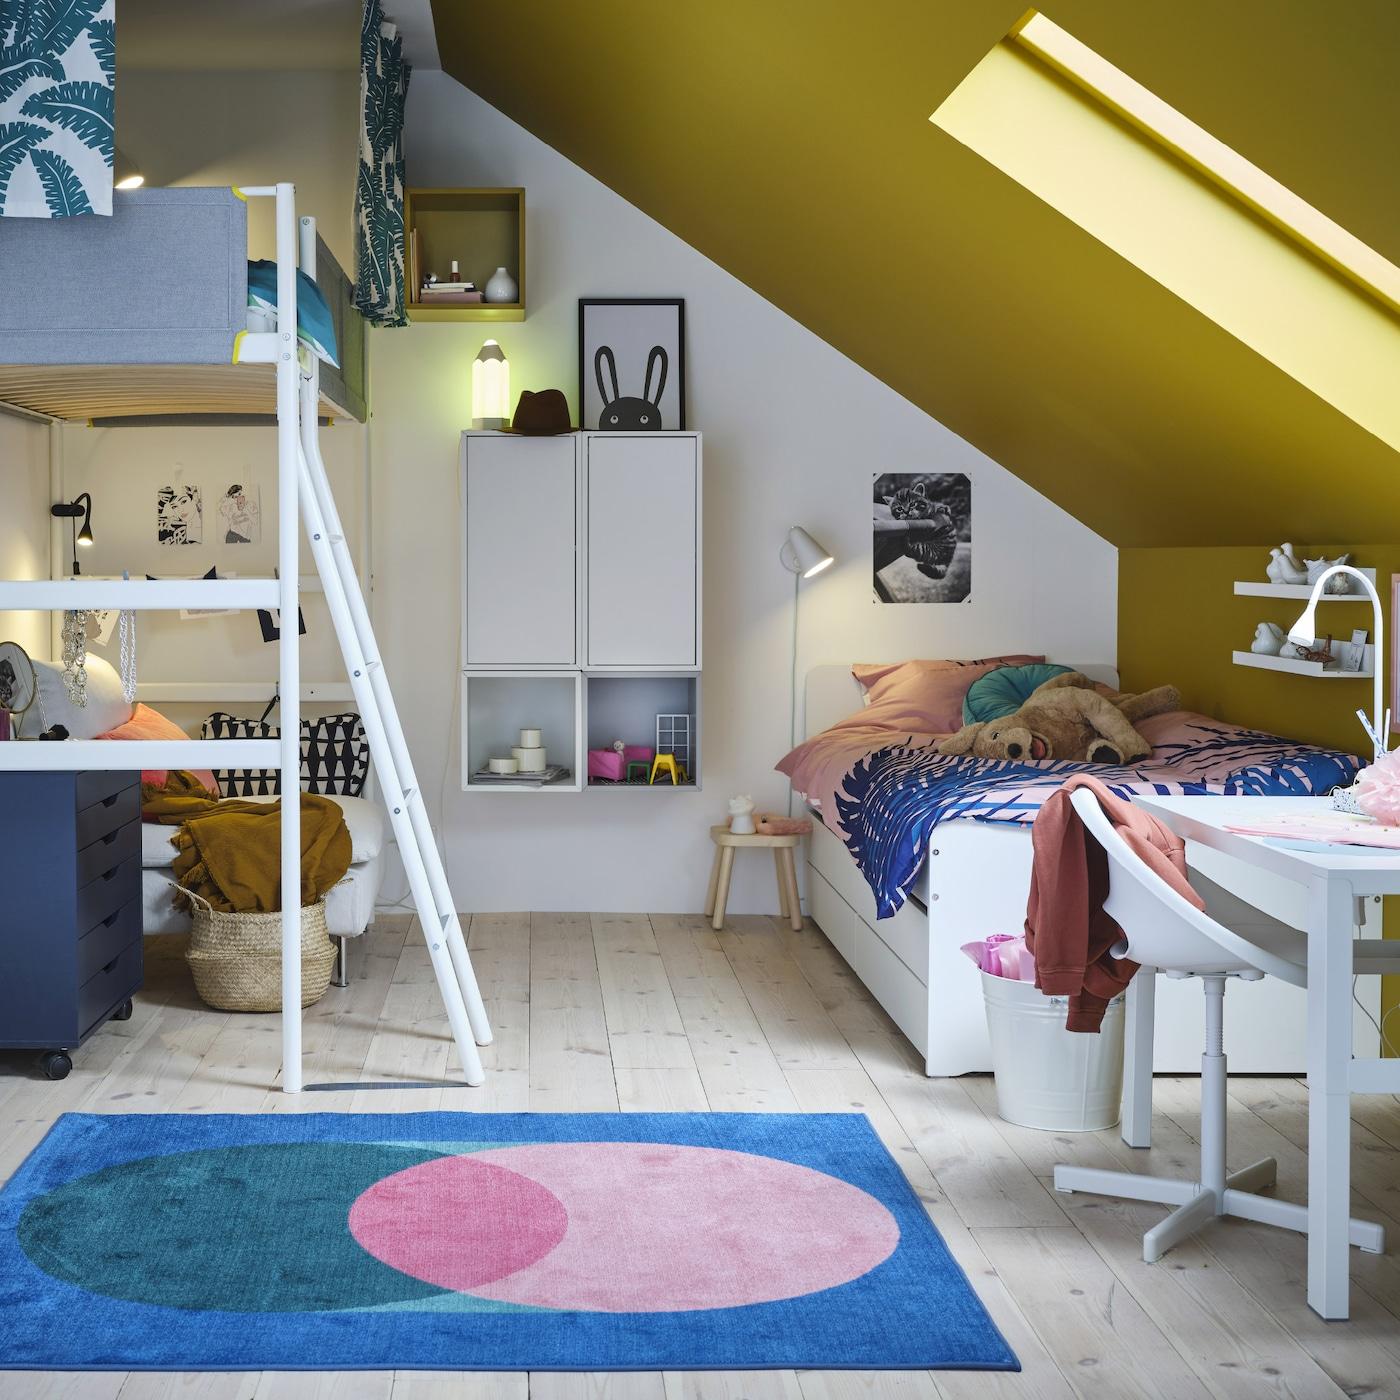 Gyerekszoba, galériaággyal, fehér ágykerettel, falra szerelt szekrényekkel, fehér íróasztal és rózsaszín/zöld szőnyeg.